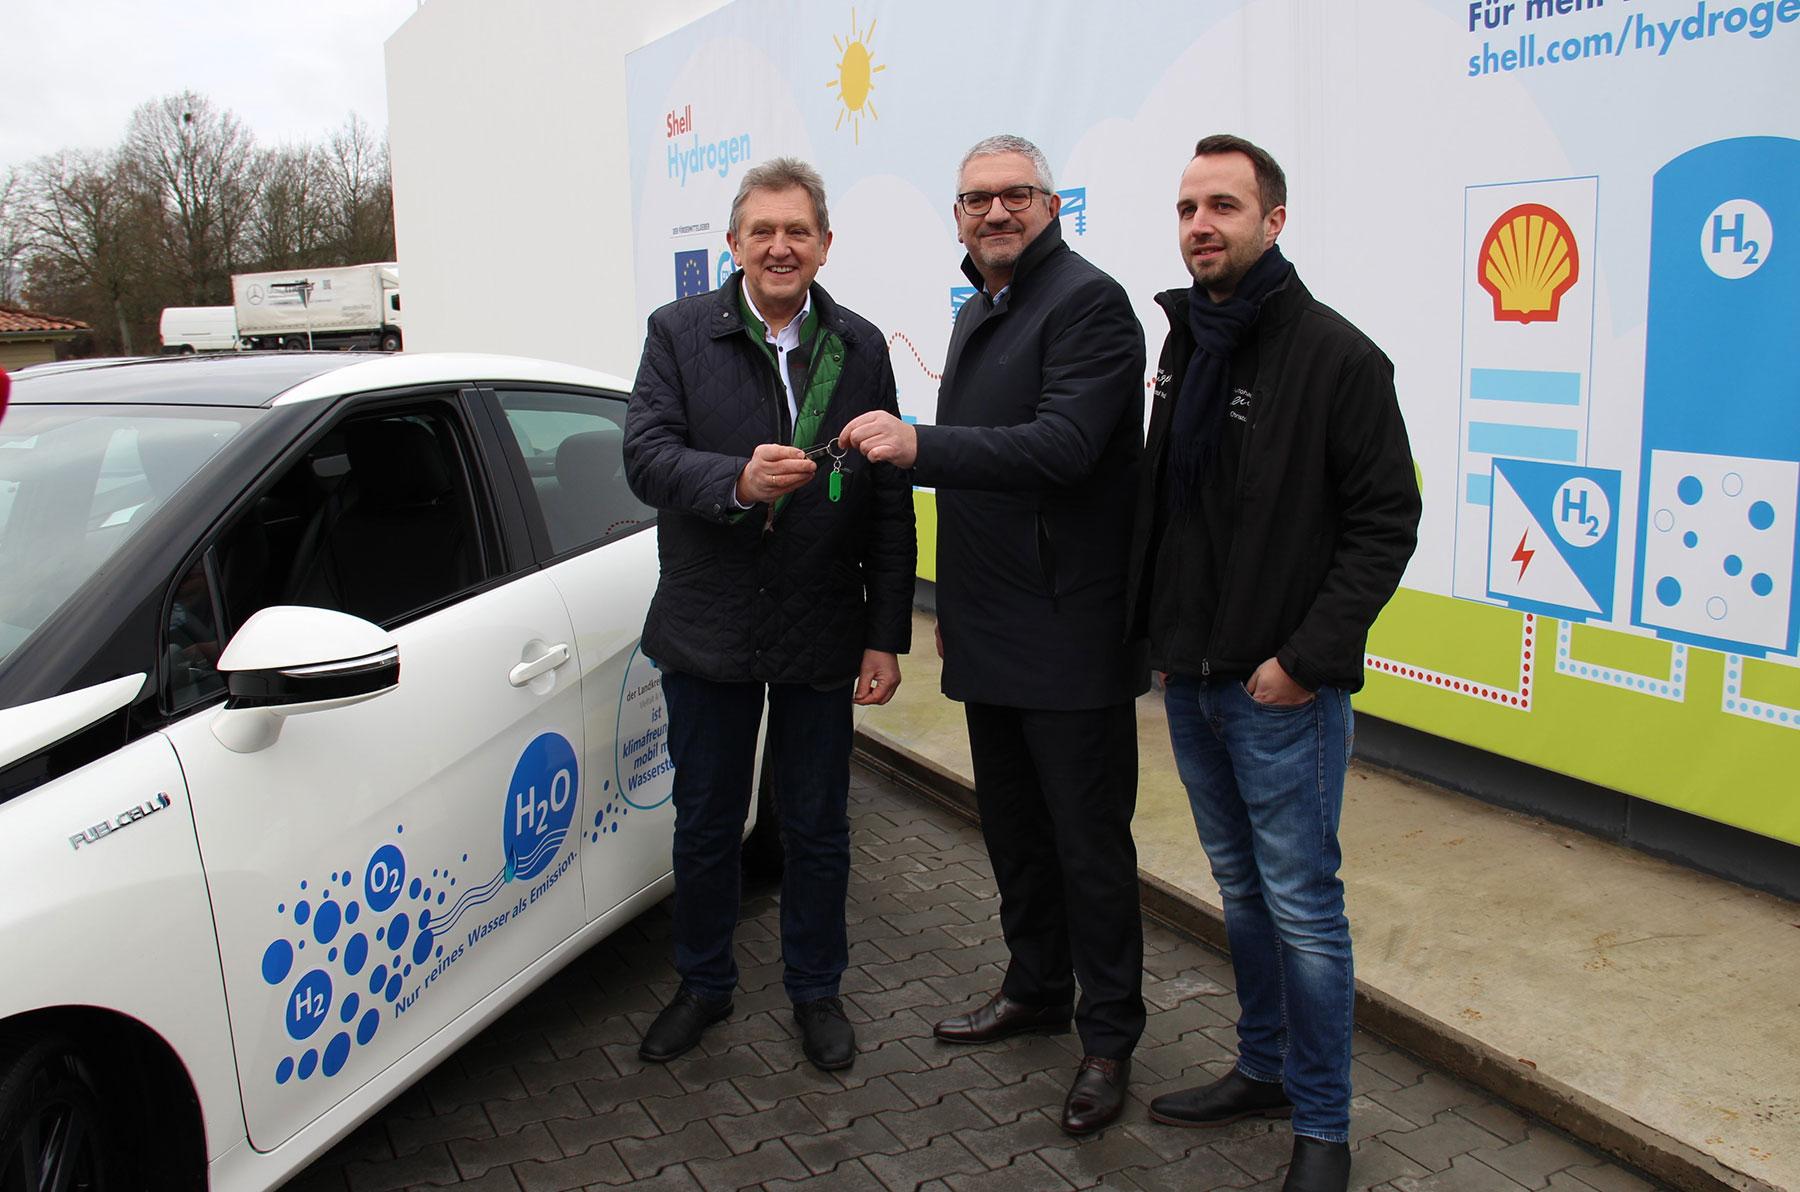 Wochenend-News: Weitpinkeln mit Tesla, Audi und BMW, Wasserstoff für Bayreuth, Renault glaubt an die goldenen Zwanziger